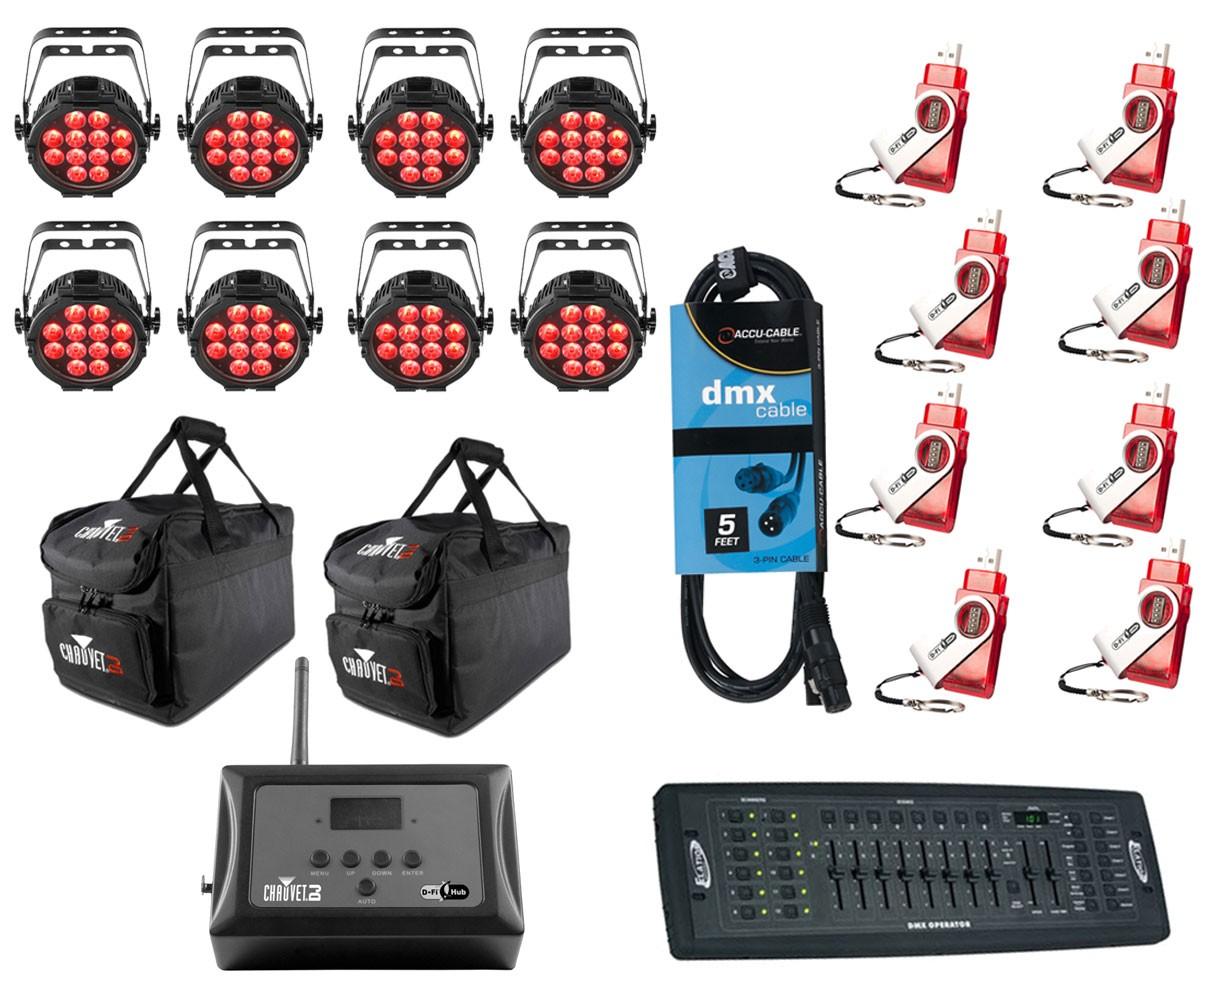 8x Chauvet SlimPAR Pro H USB + D-Fi 8-Pack with Hub + Controller + Cable + Bags